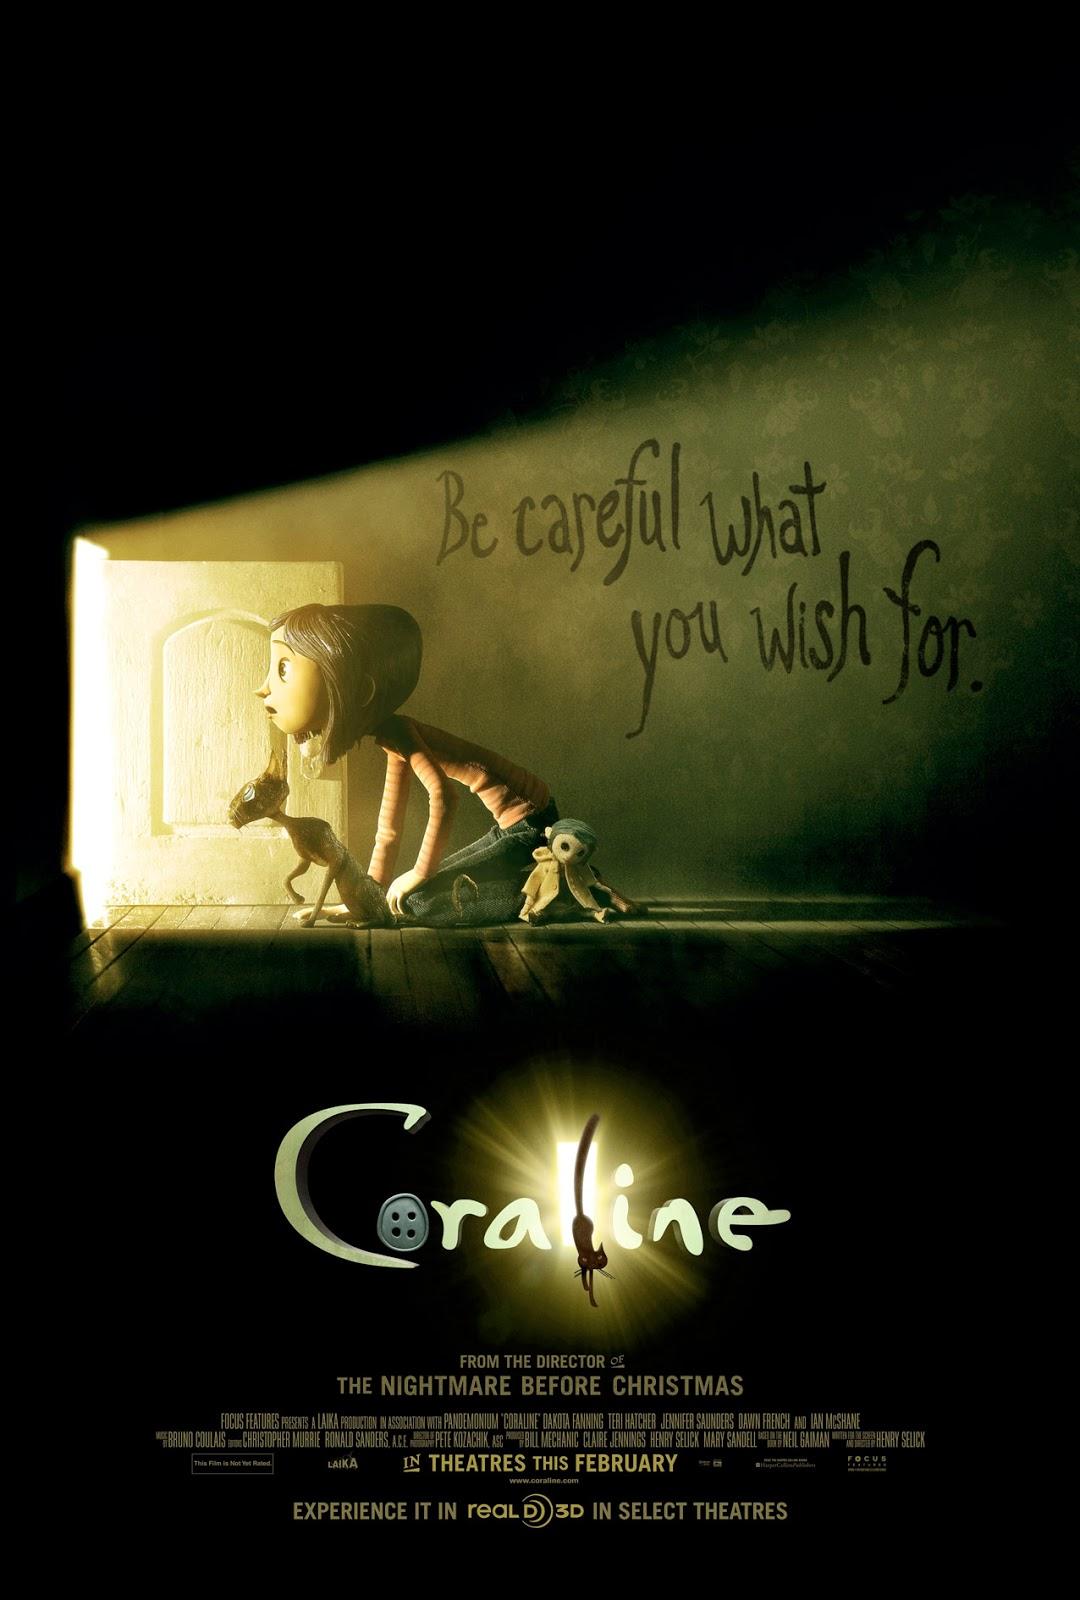 Coraline โครอลไลน์กับโลกมิติพิศวง [HD][พากย์ไทย]